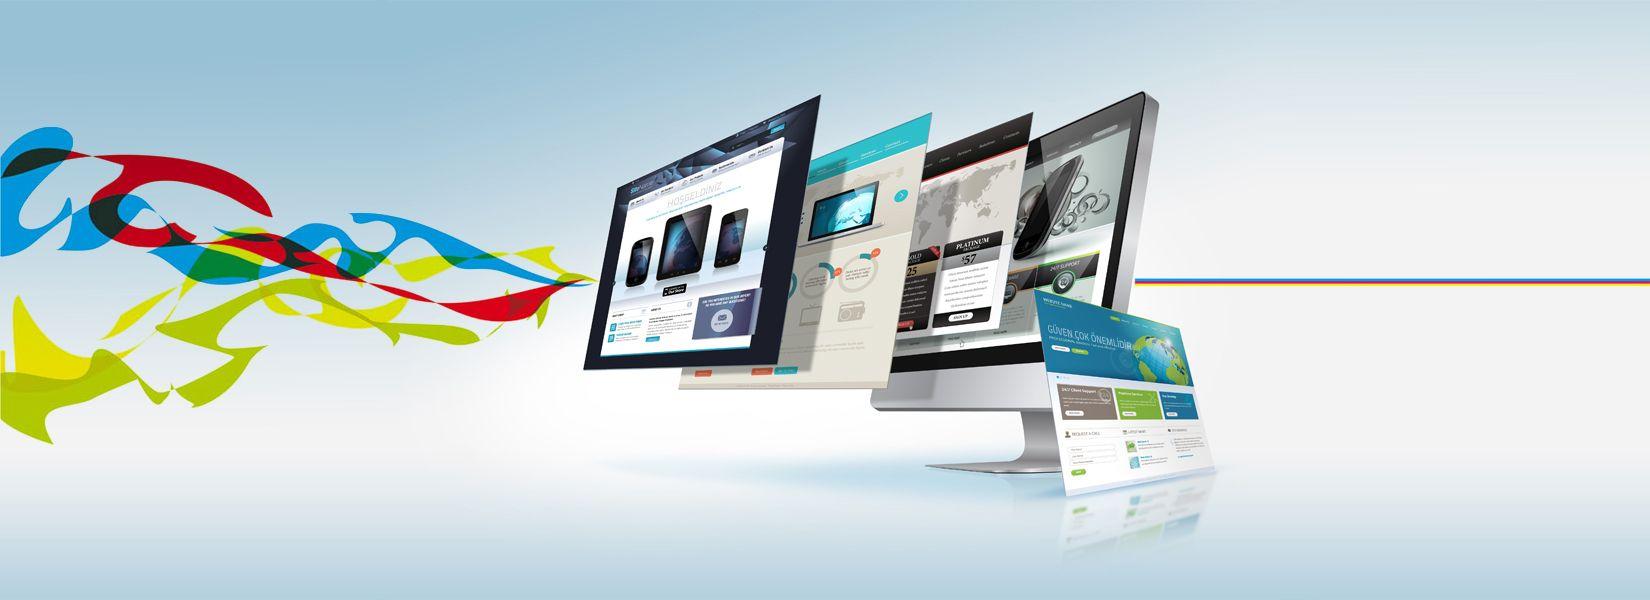 Dijital Kültüre Entegrasyon Sürecinde Nestacreative Web Tasarımı